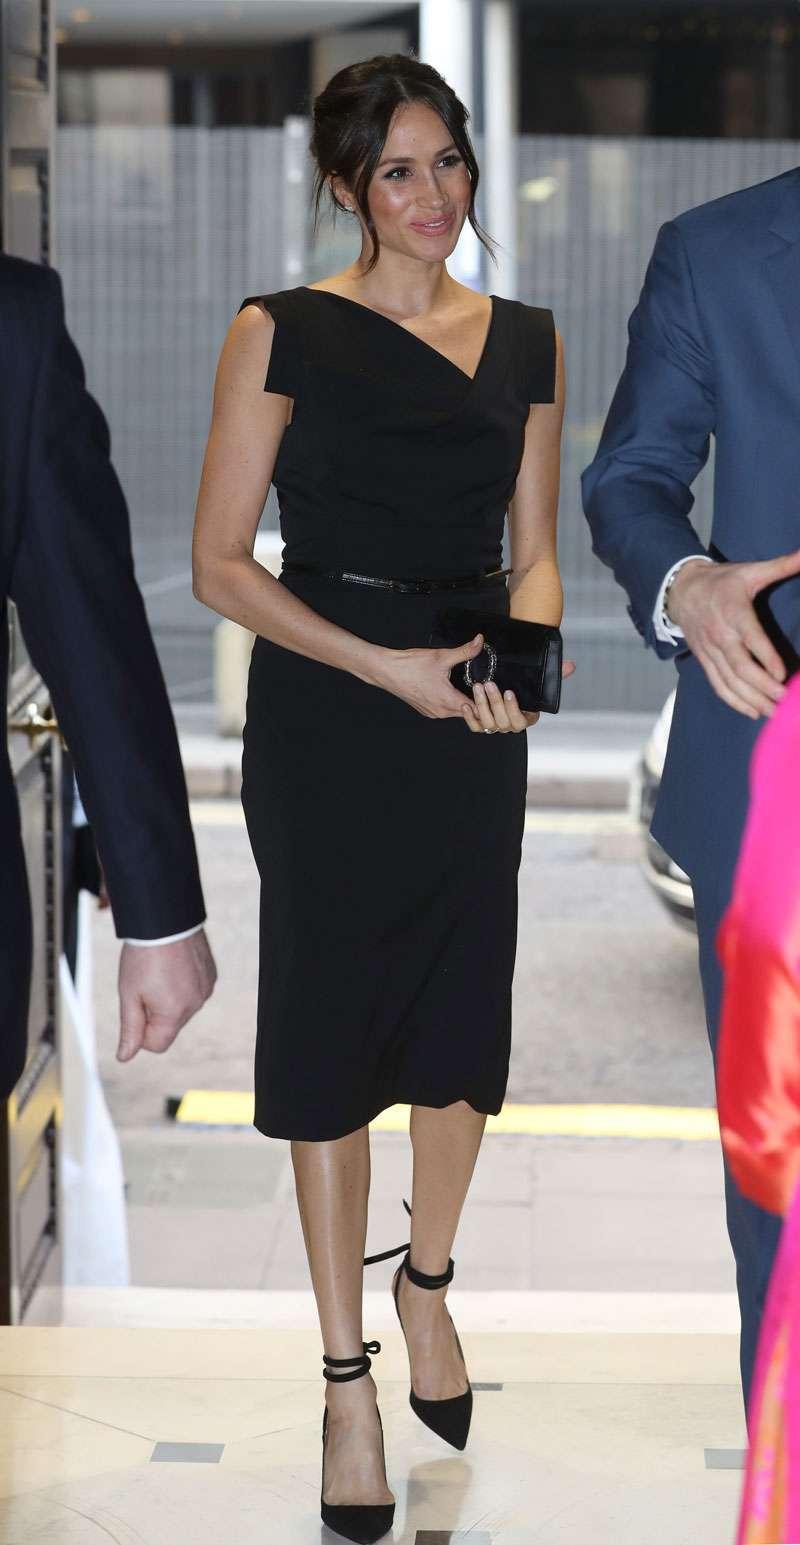 Meghan Markle et la reine Letizia d'Espagne ont un style vestimentaire vraiment très similaire !